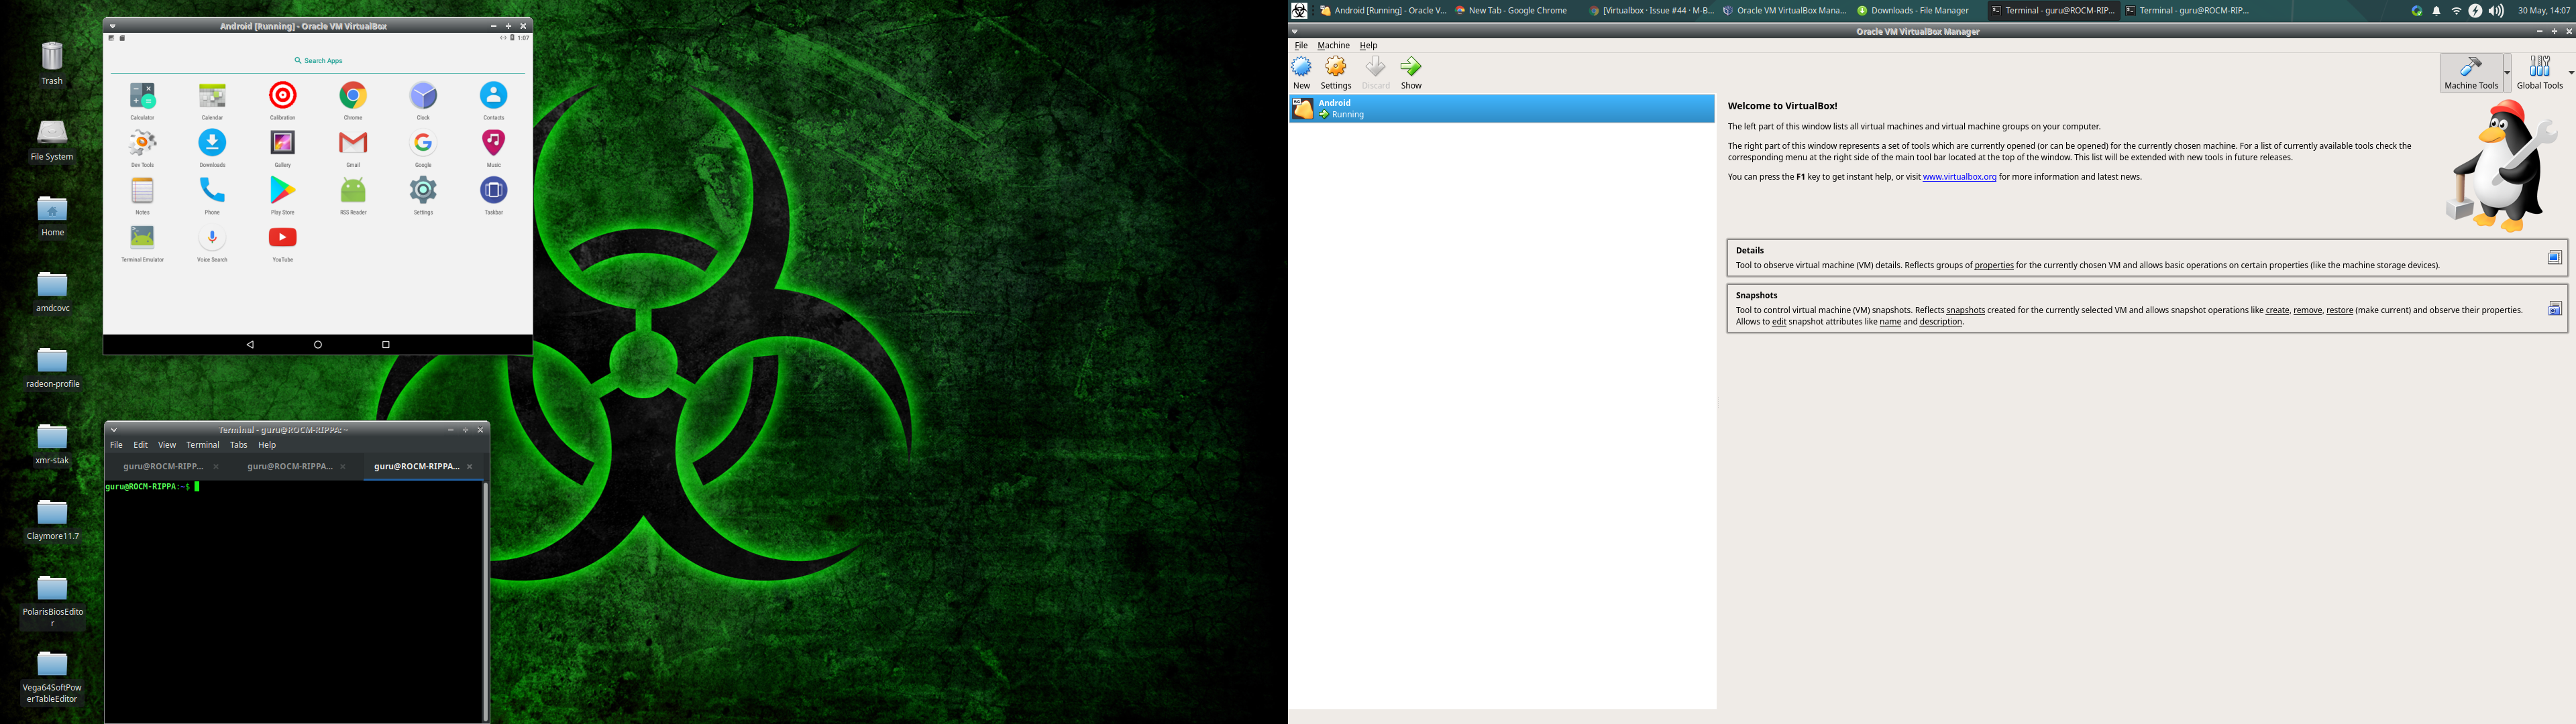 Virtualbox · Issue #44 · M-Bab/linux-kernel-amdgpu-binaries